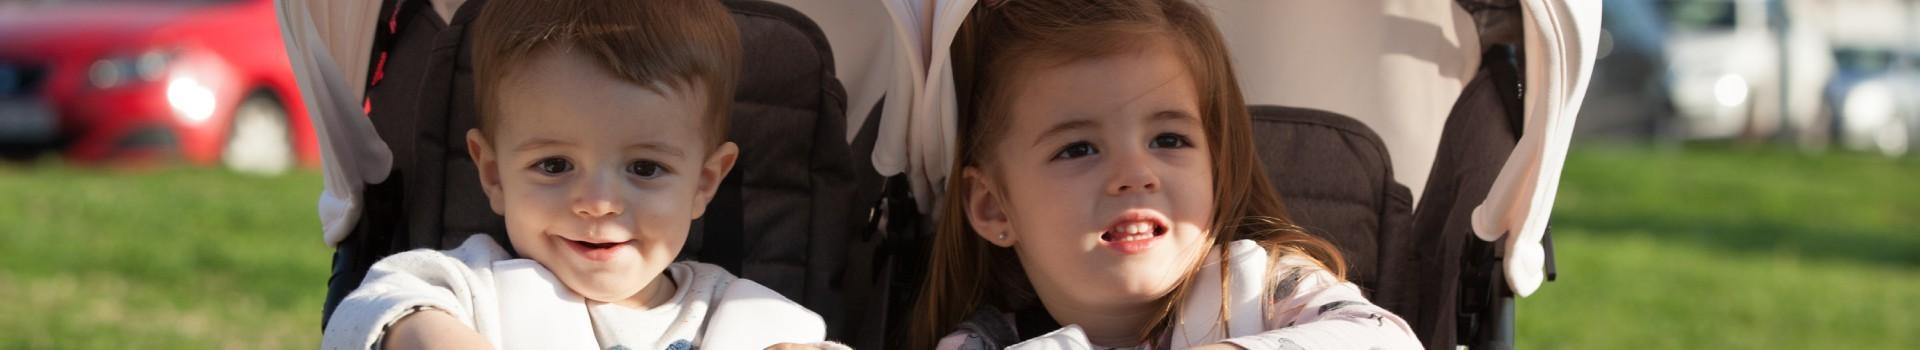 Accessoires pour poussettes et landaus | Baby Monsters